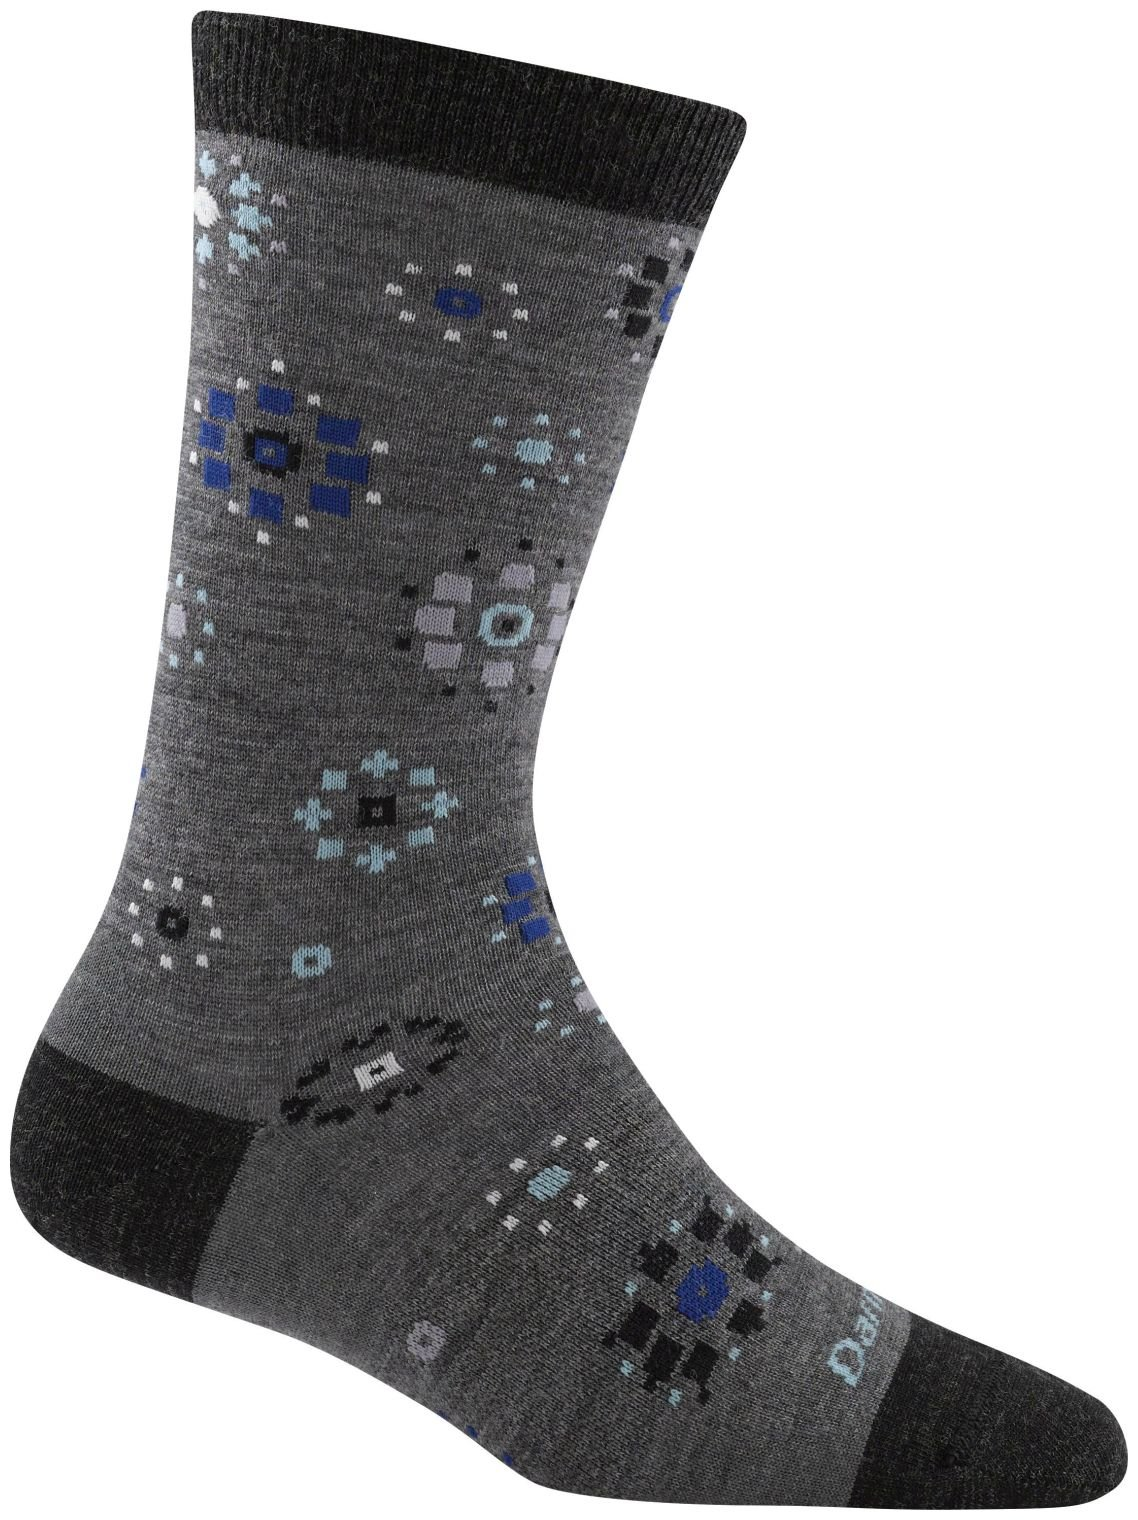 Darn Tough Burst Crew Socks - Women's Medium Gray Small